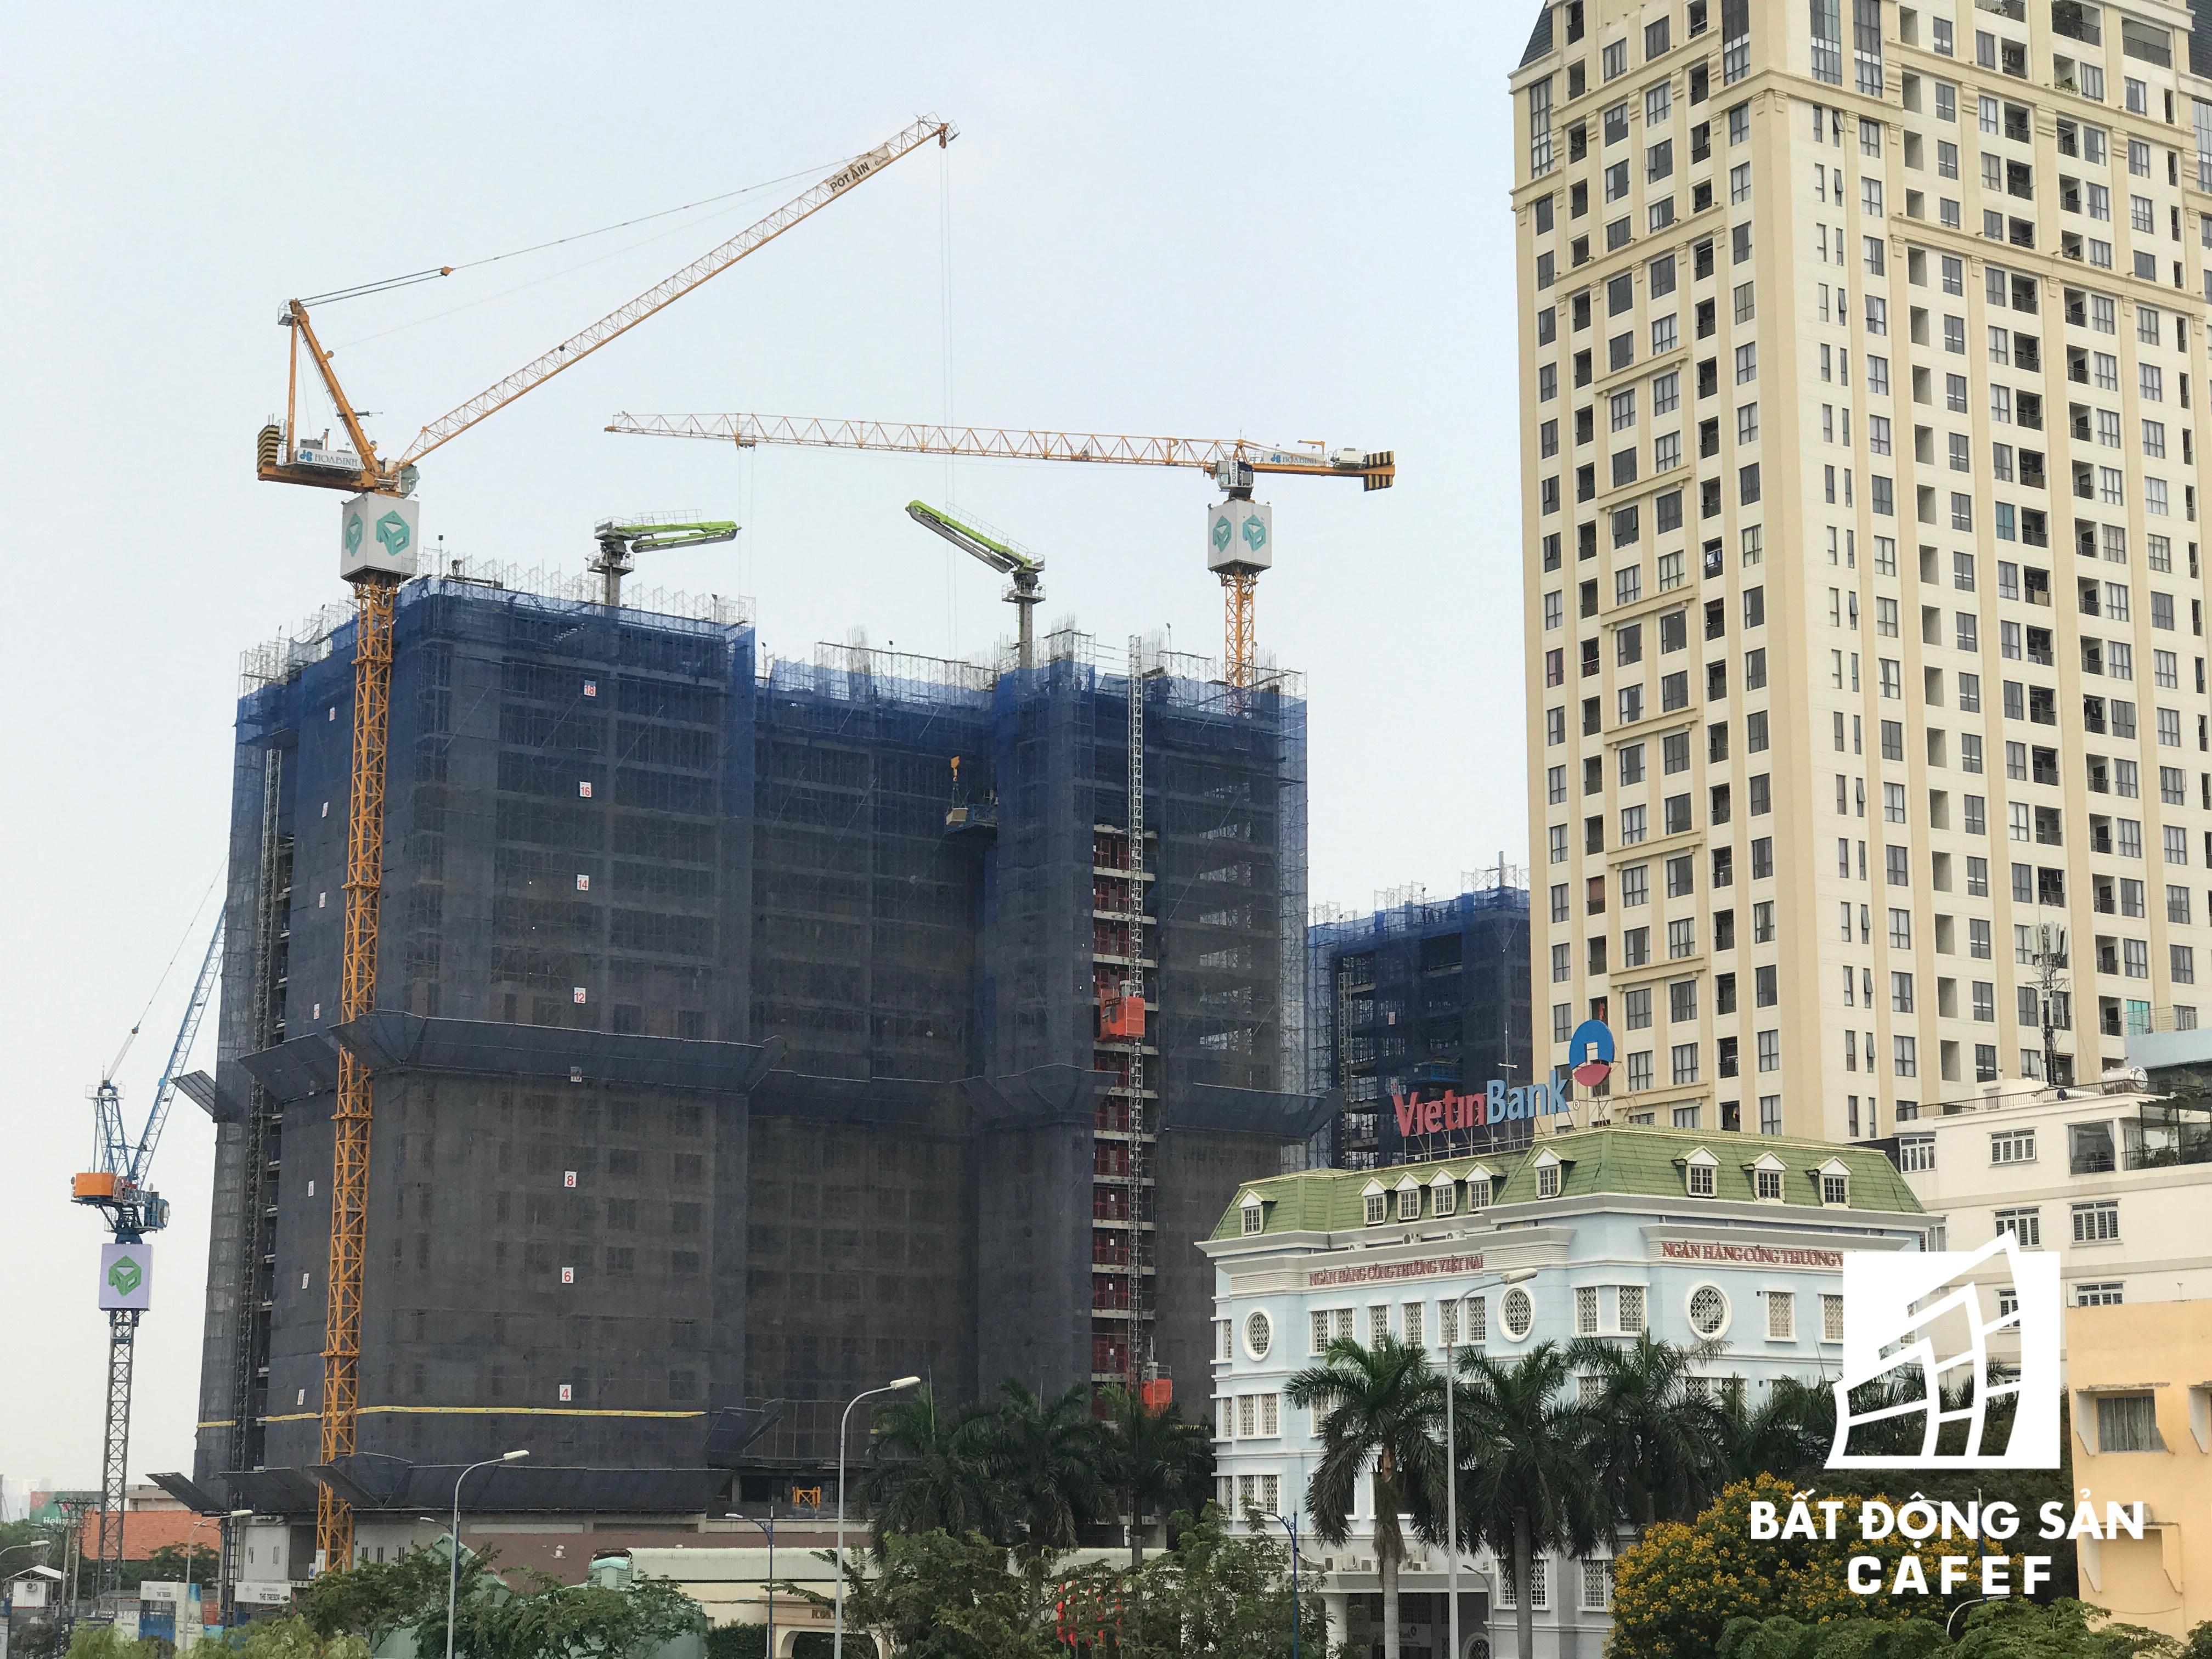 Hai dự án khác nằm cạnh nhau trên đường Bến Vân Đồn của Novaland, một chung cư đã hoạt động, một dự án khác đang xây dựng.